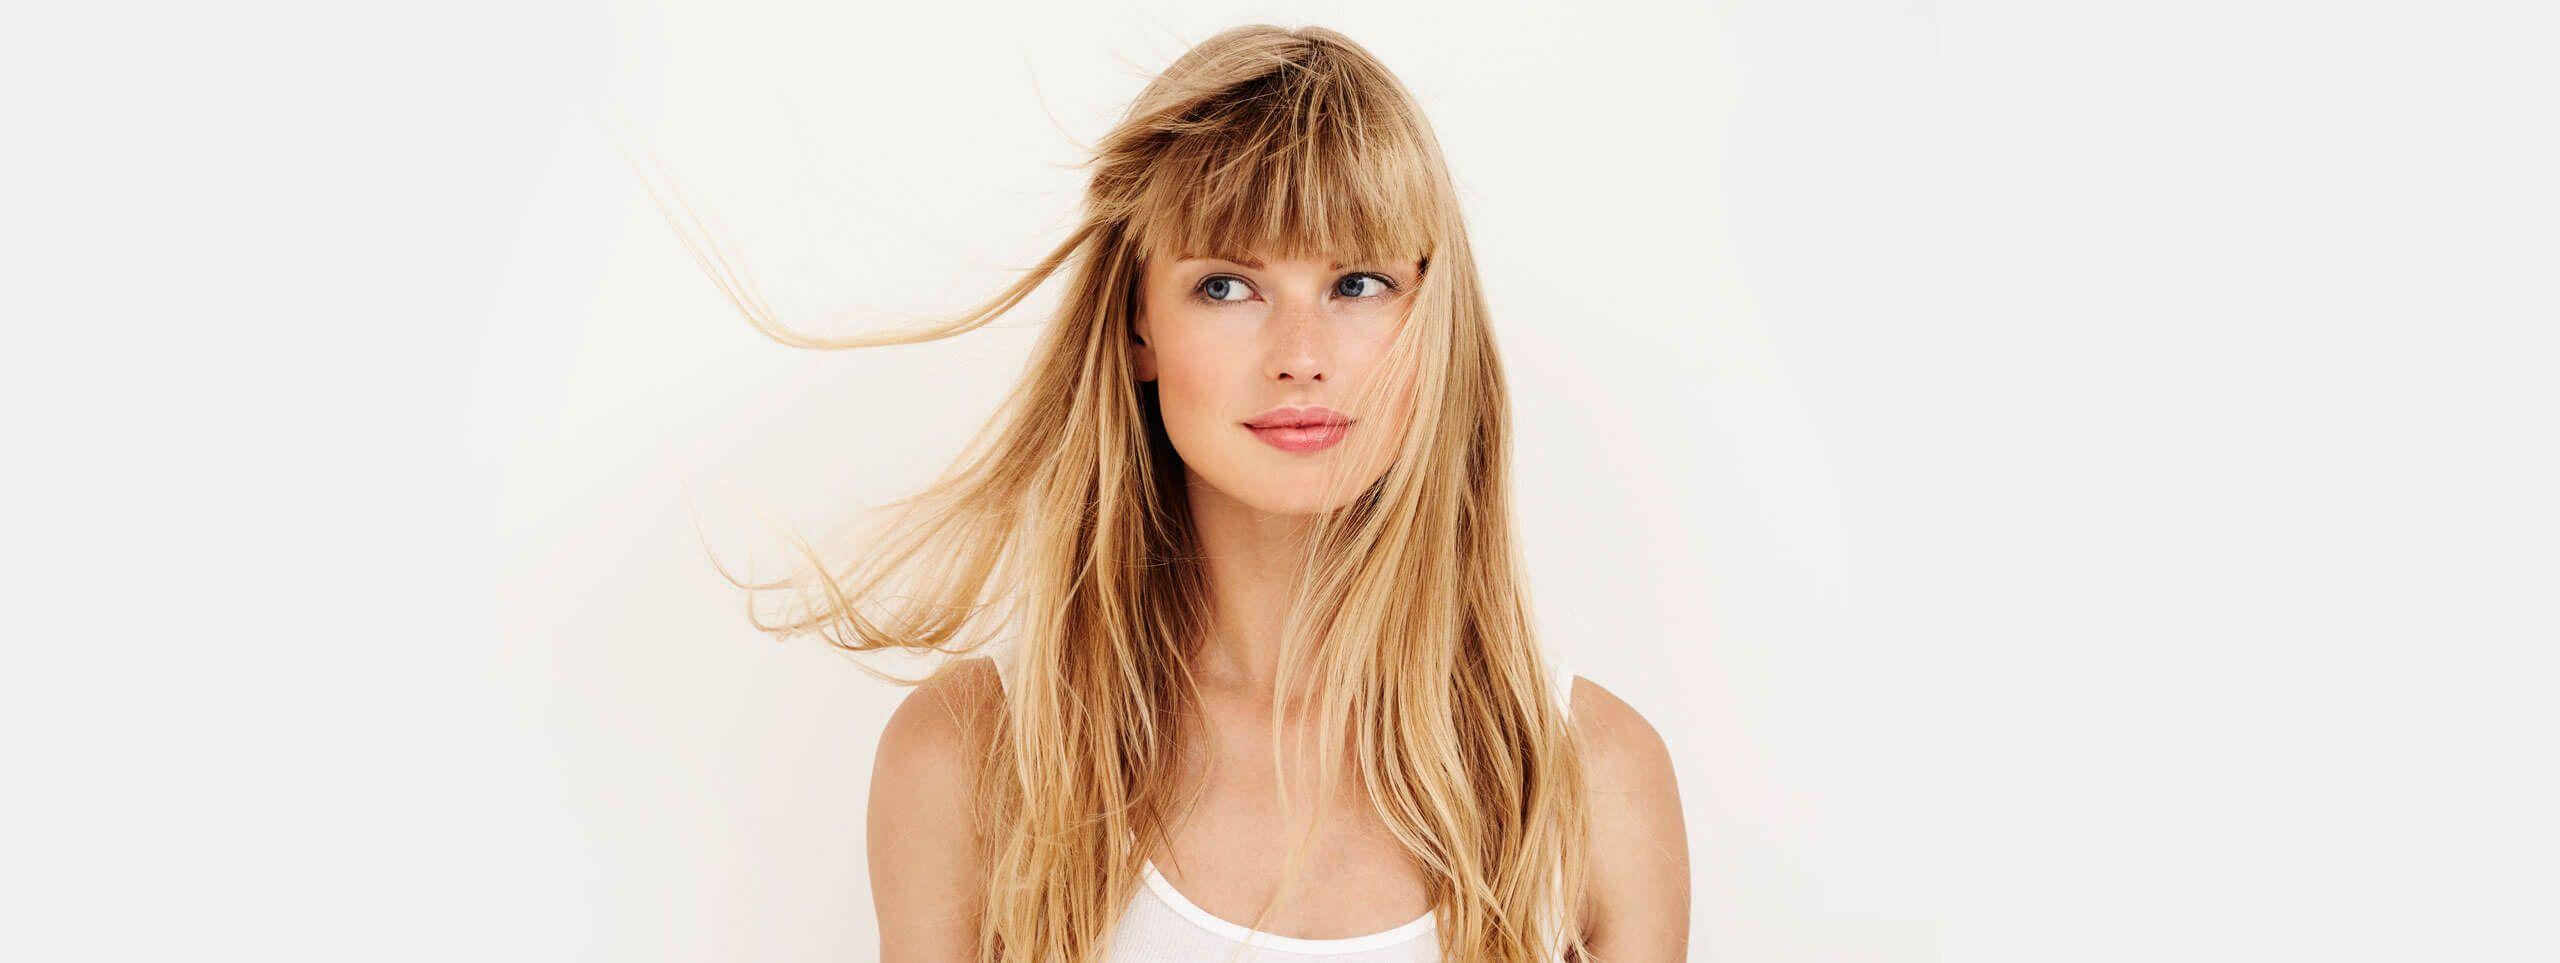 Kobieta z blond elektryzującymi się włosami